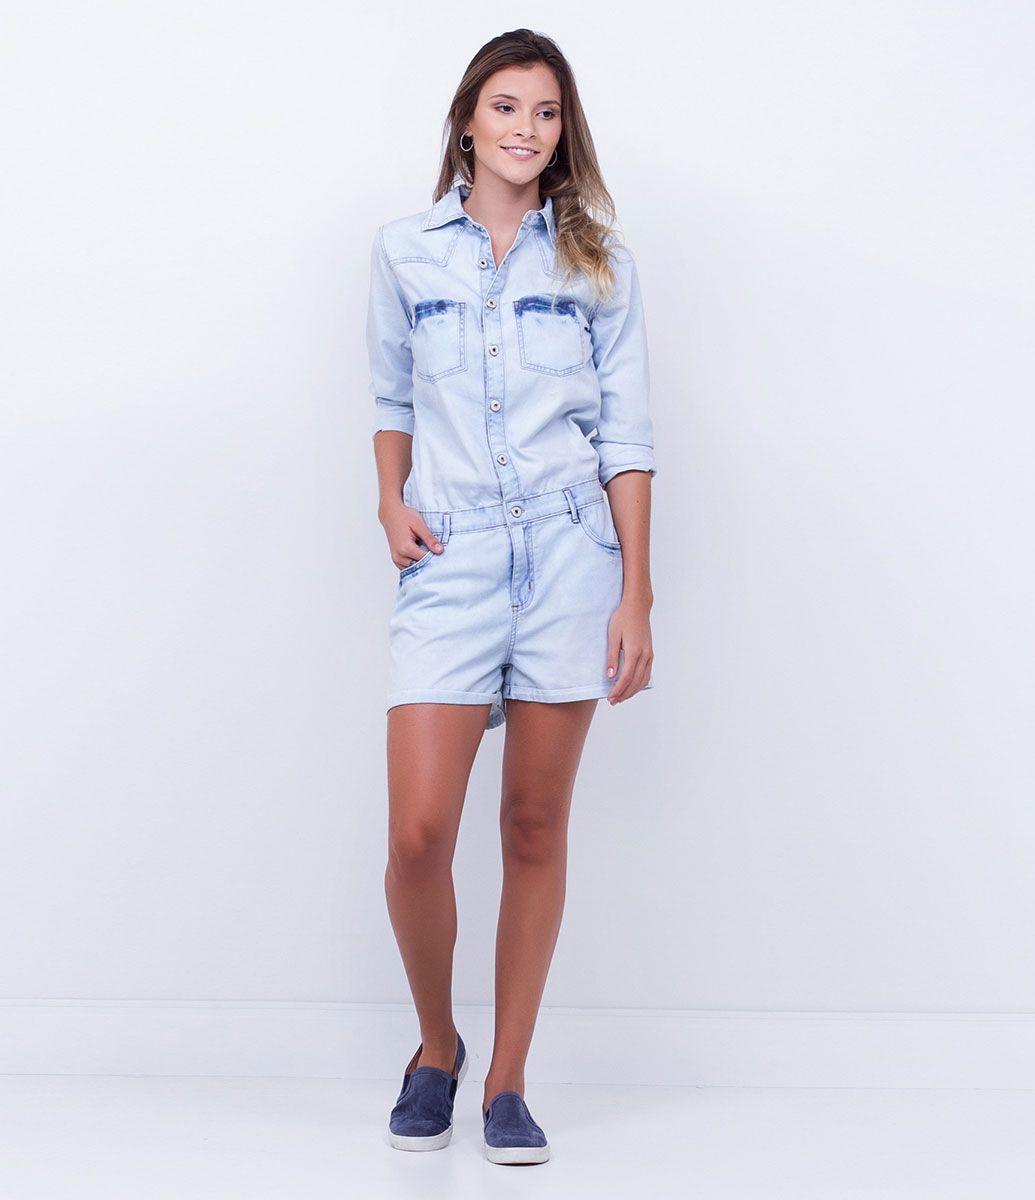 ab5ccbcb5 Macacão feminino Manga longa Curto Com botões frontais Bolsos funcionais  Marca: Blue Steel Tecido: jeans Modelo veste tamanho: P COLEÇÃO INVERNO  2016 Veja ...